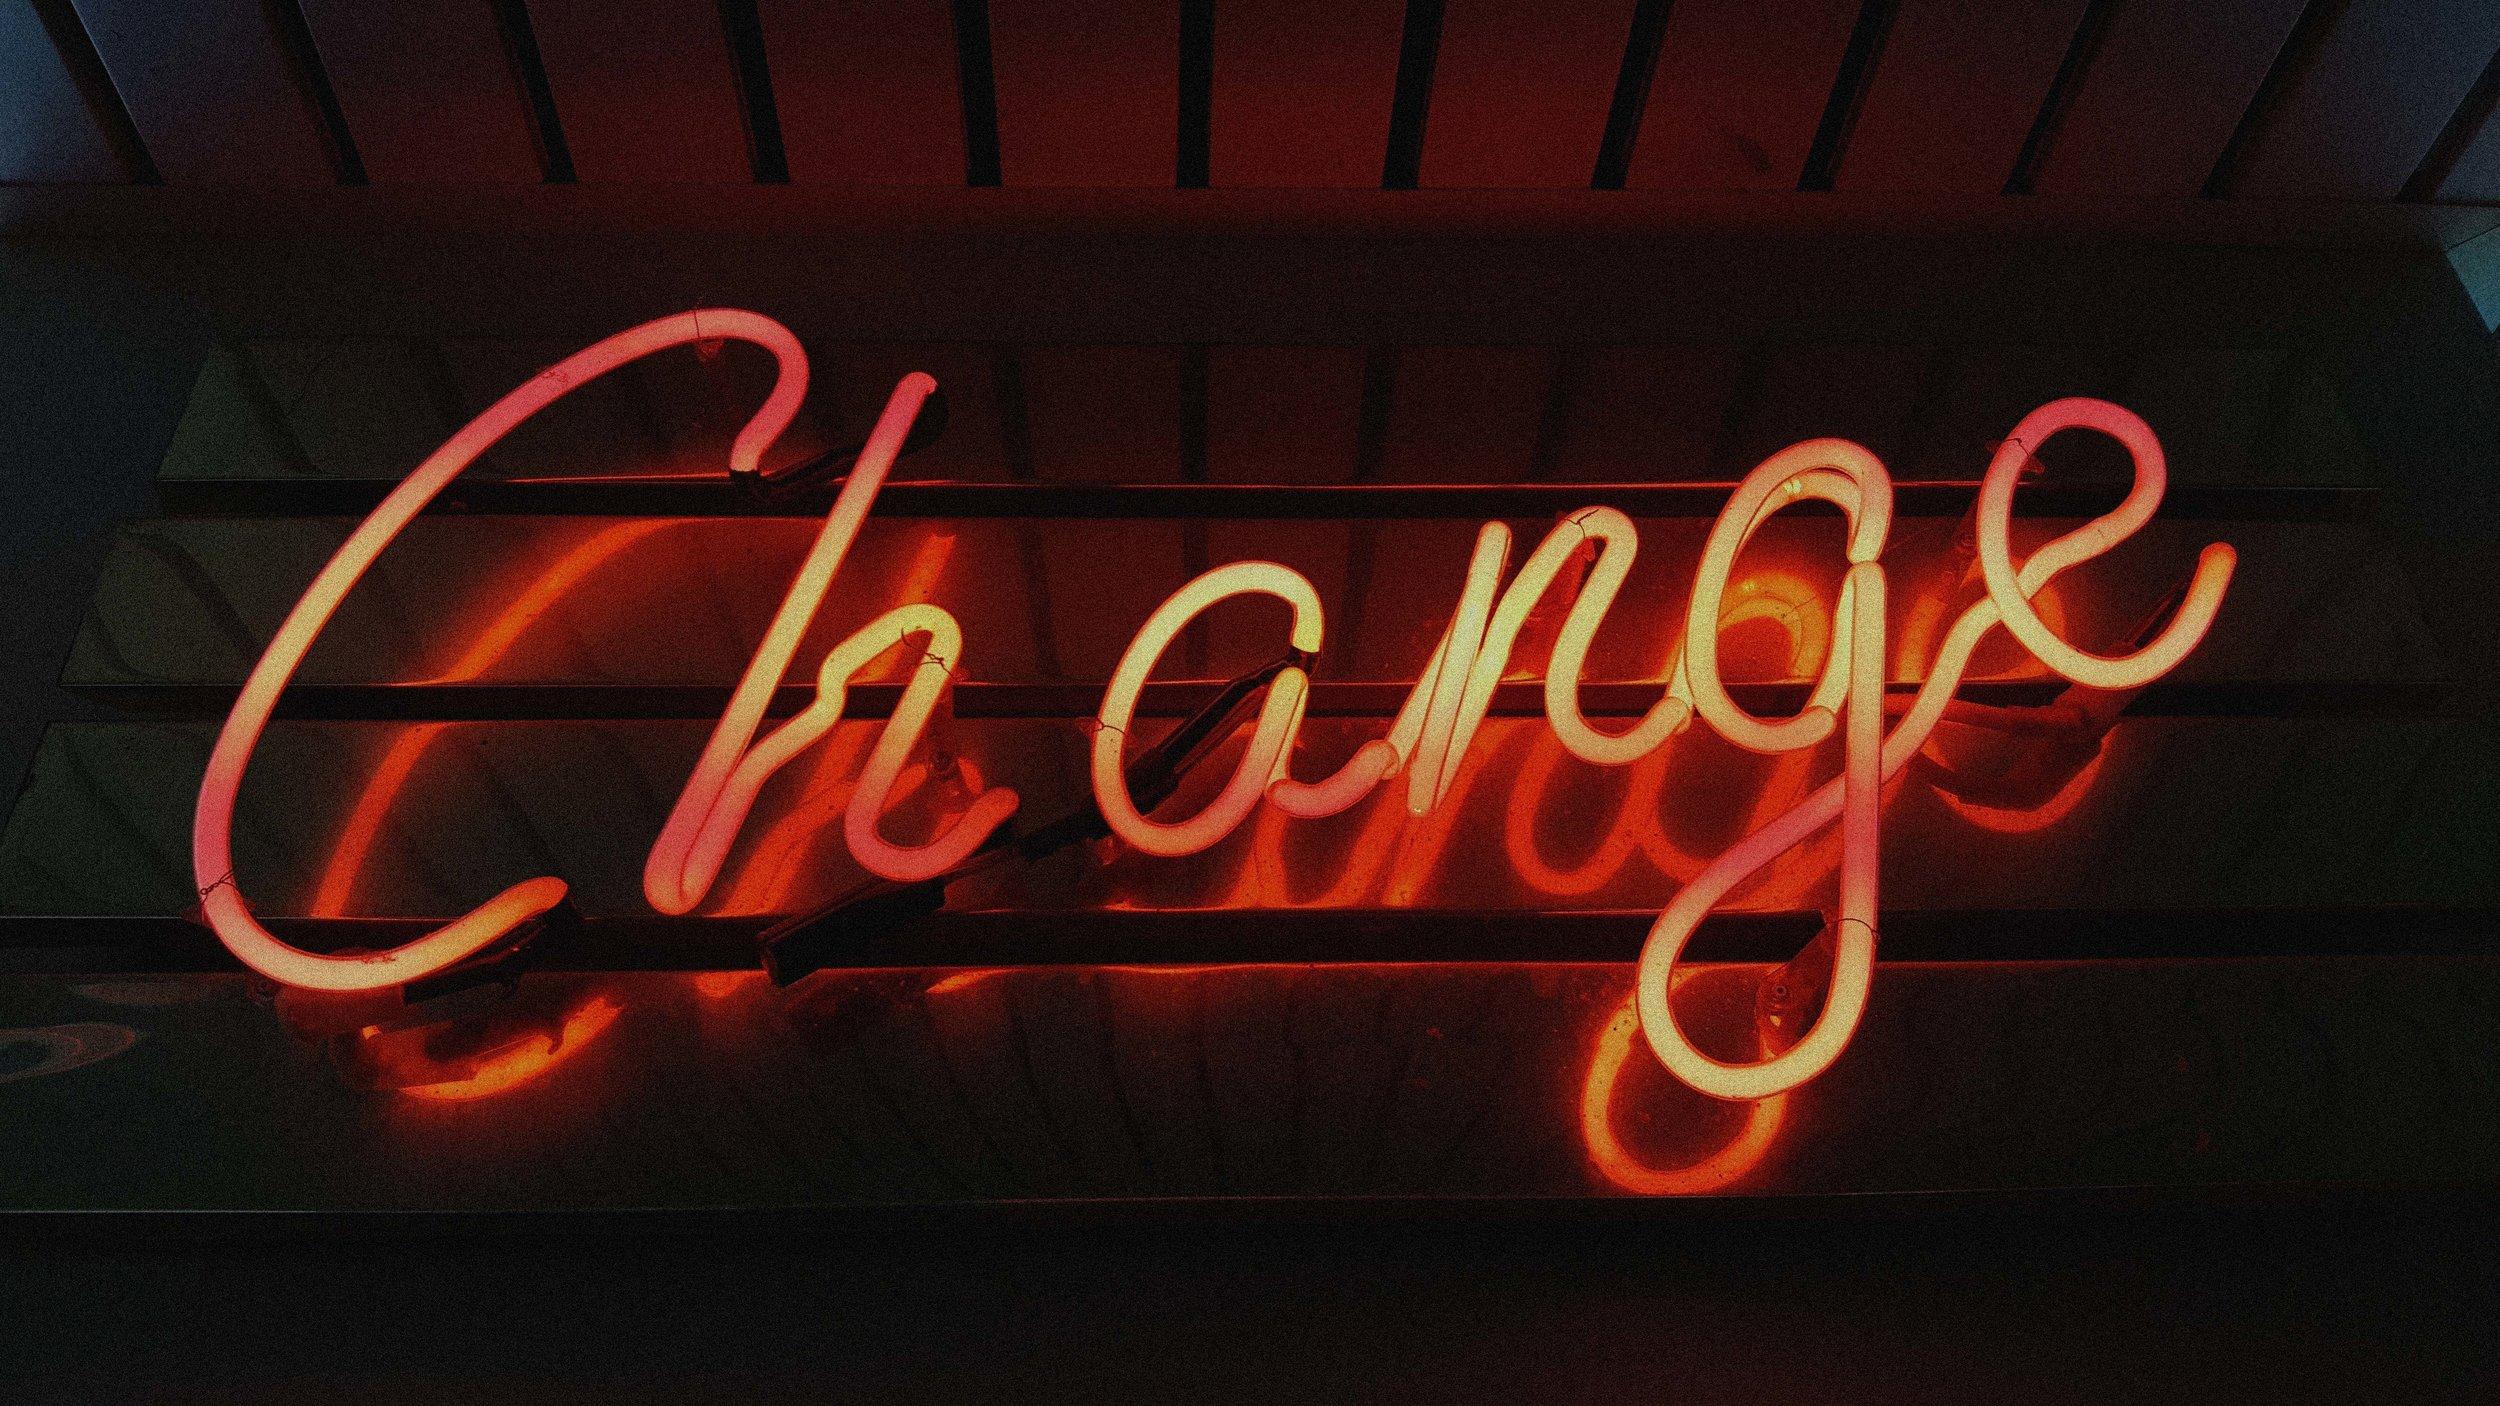 Change-ross-findon-303091-unsplash-LR.jpg